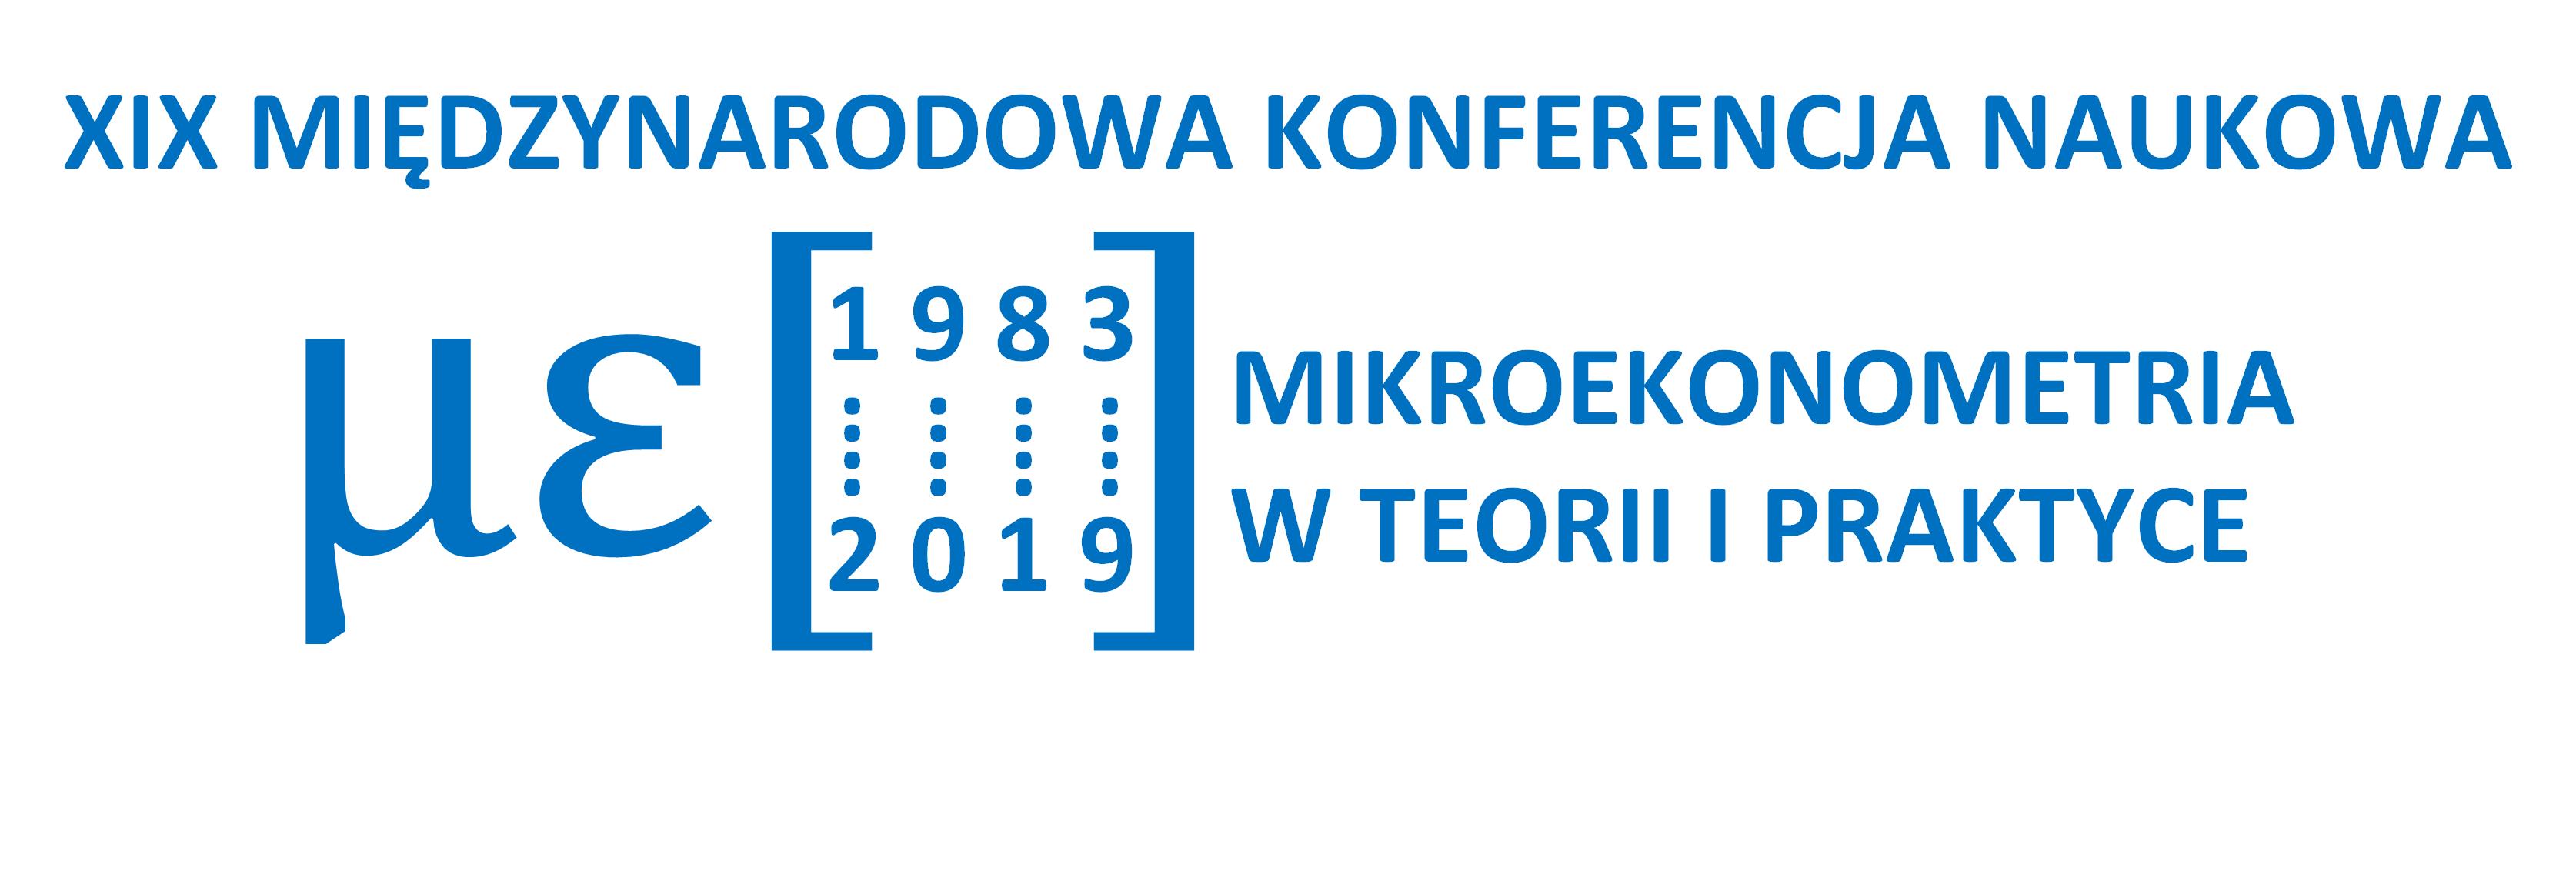 Strona konferencji Mikroekonometria w Teorii i Praktyce